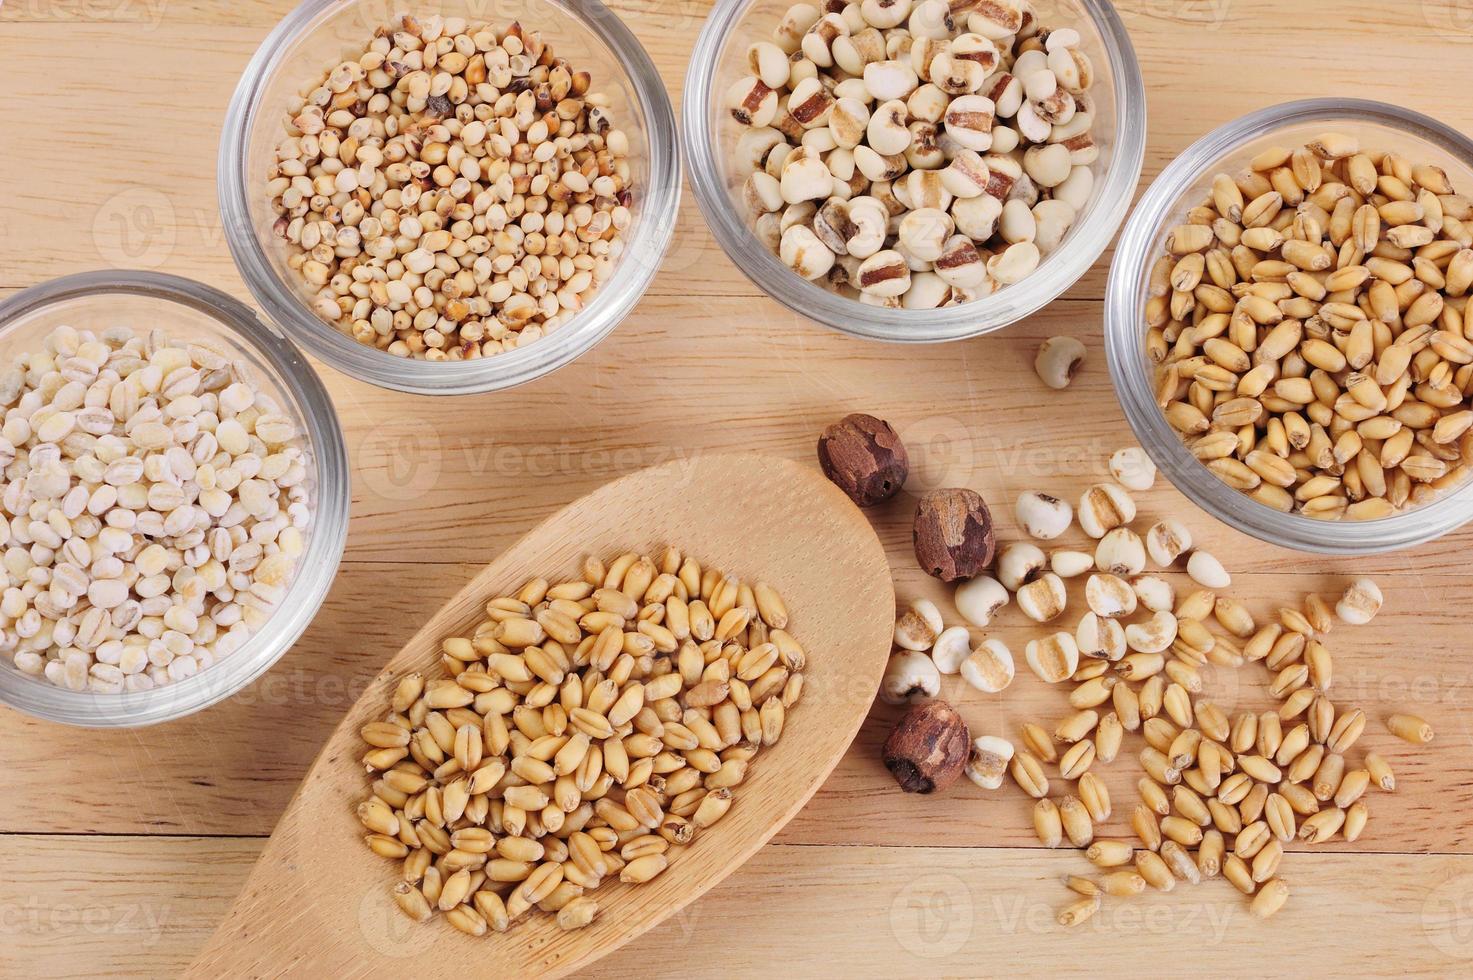 céréales et céréales photo